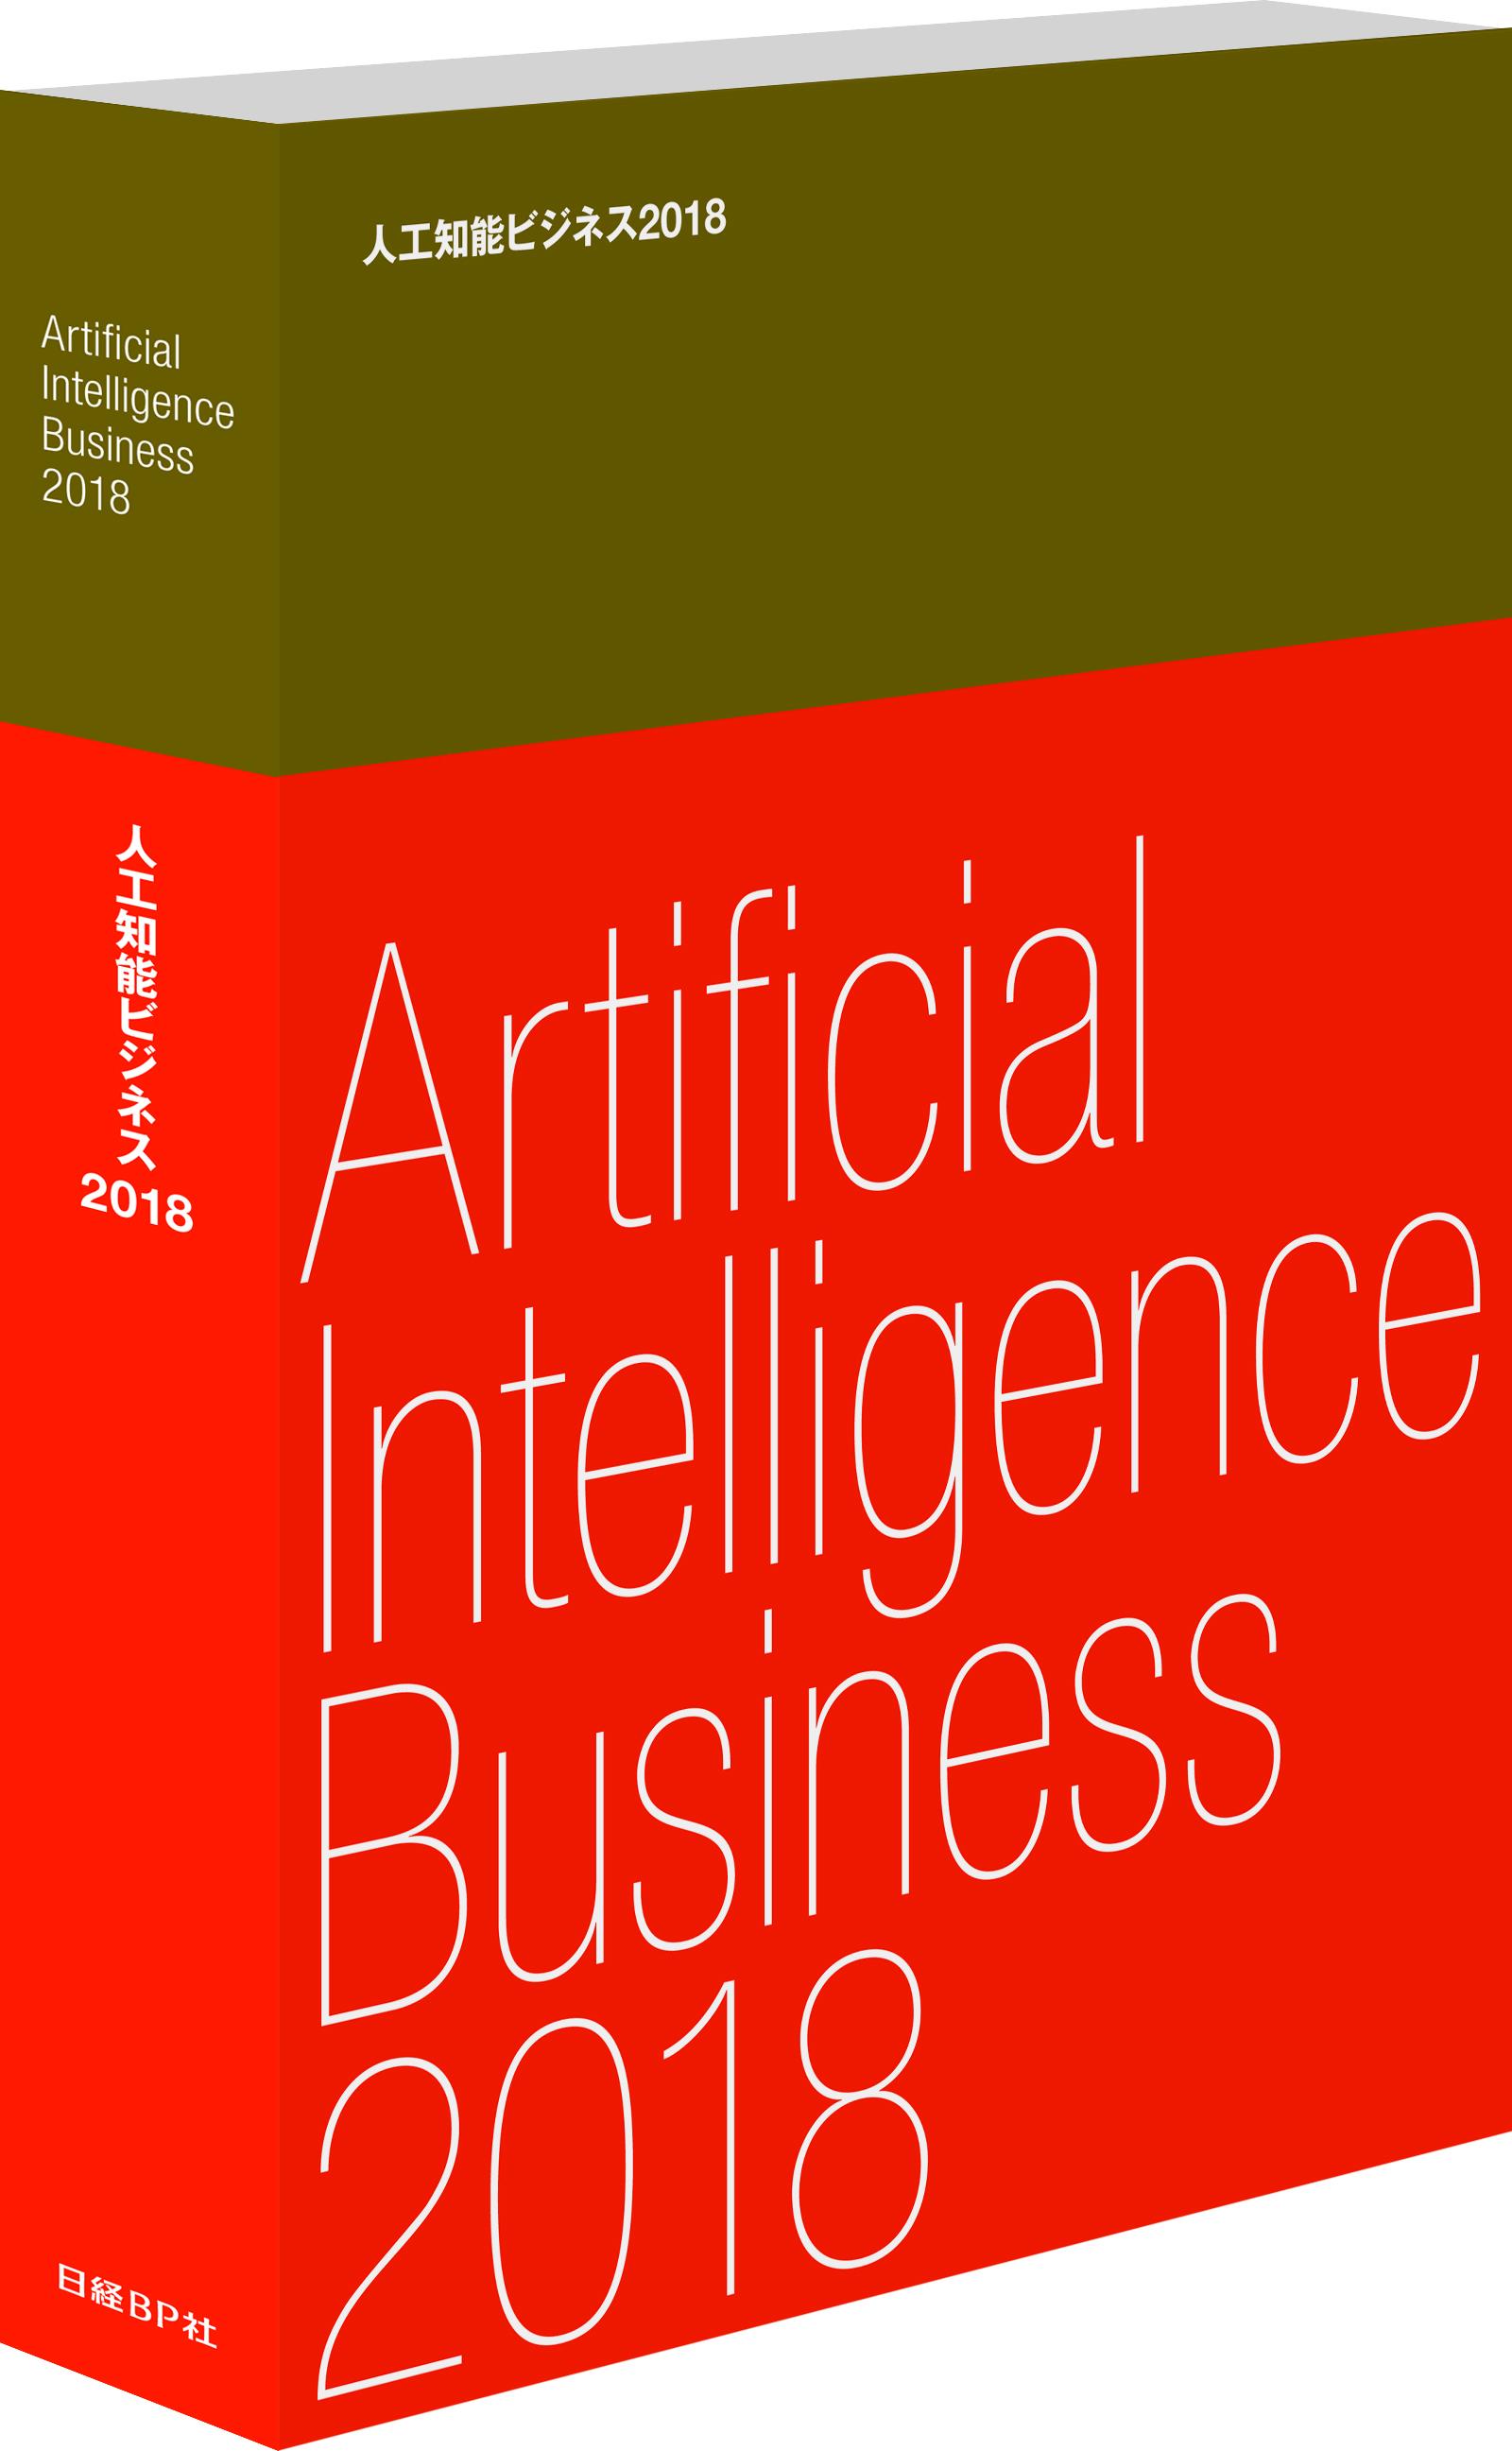 人工知能ビジネス2018